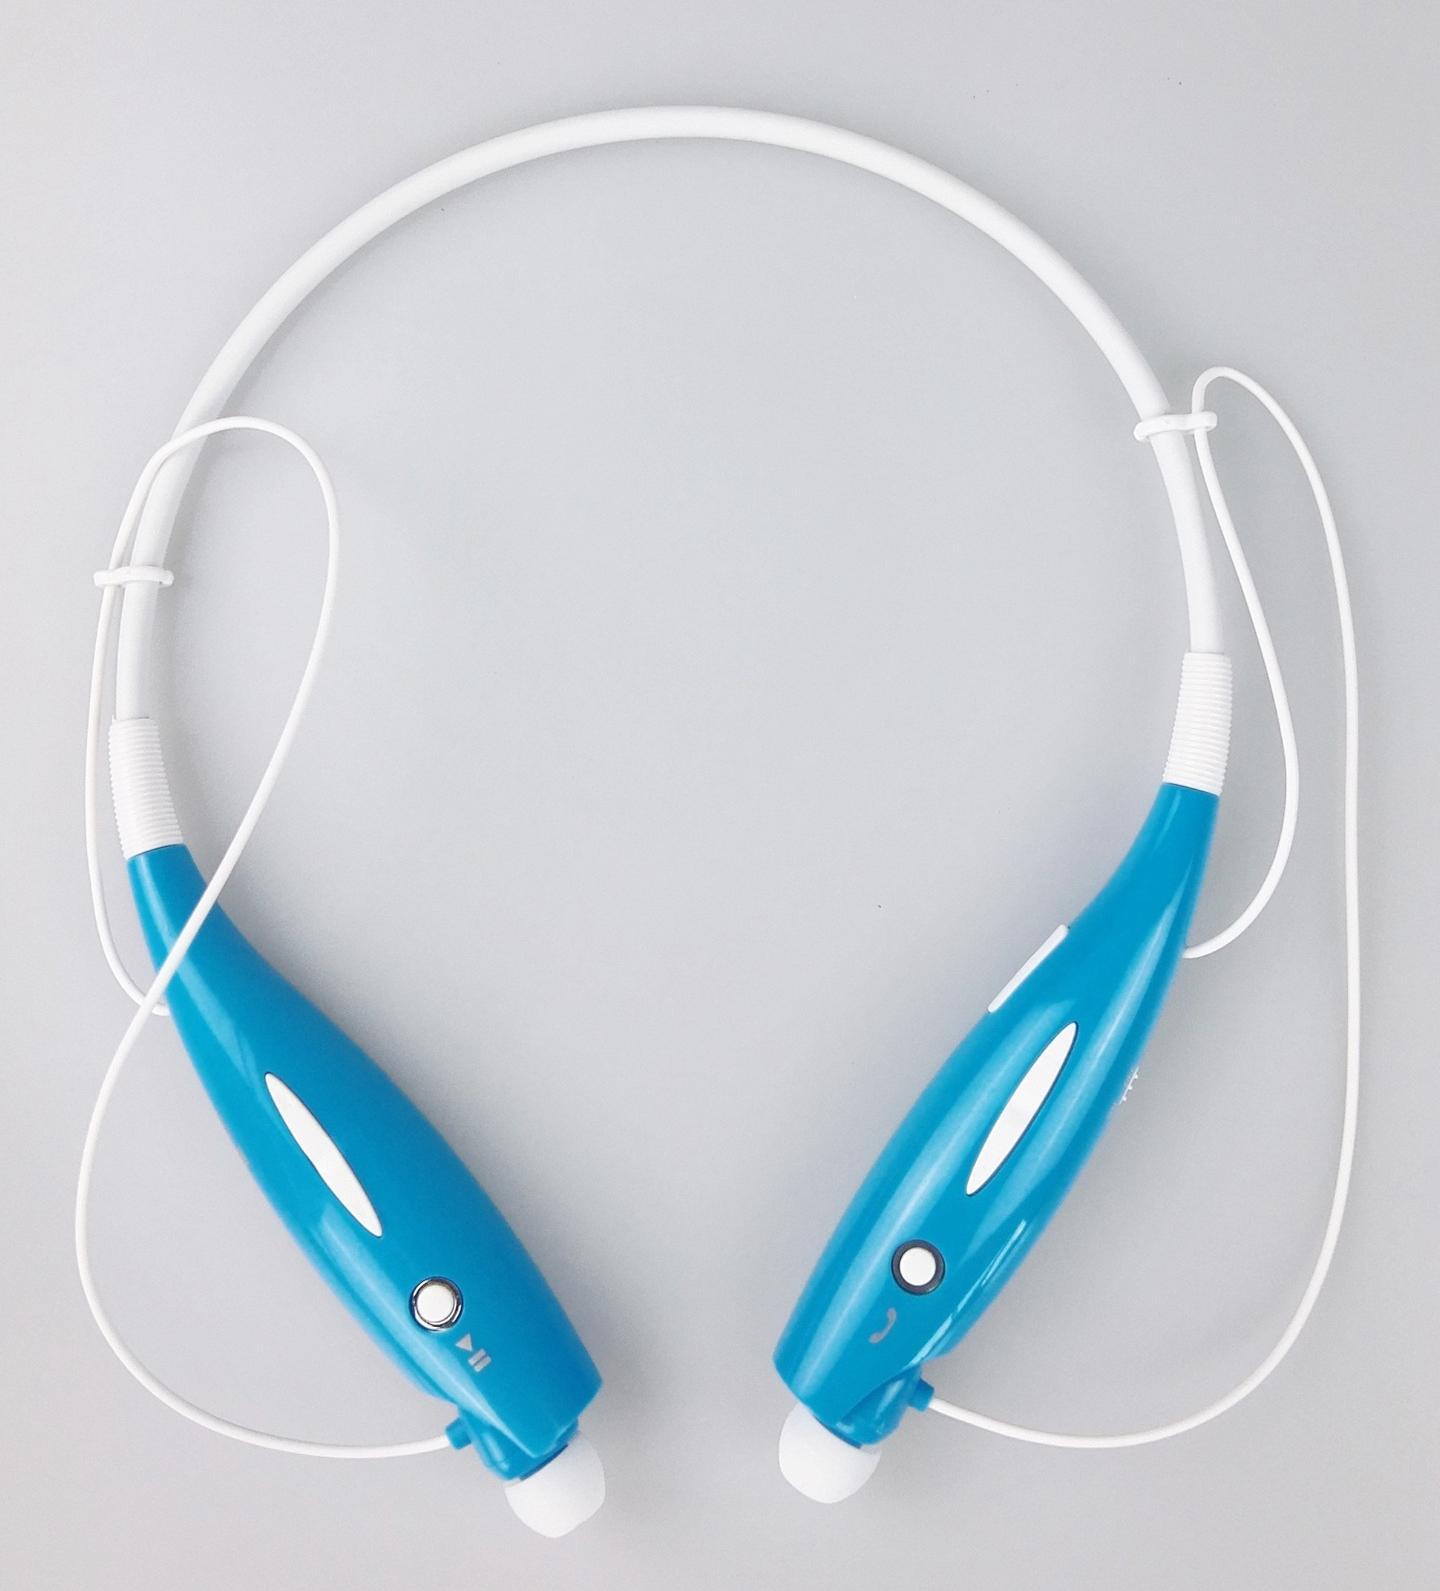 HBS 730 Deporte Banda para el cuello Auriculares In-ear Auriculares inalámbricos Auriculares estéreo Bluetooth HBS730 Para iPhone Galaxy S6 Edge